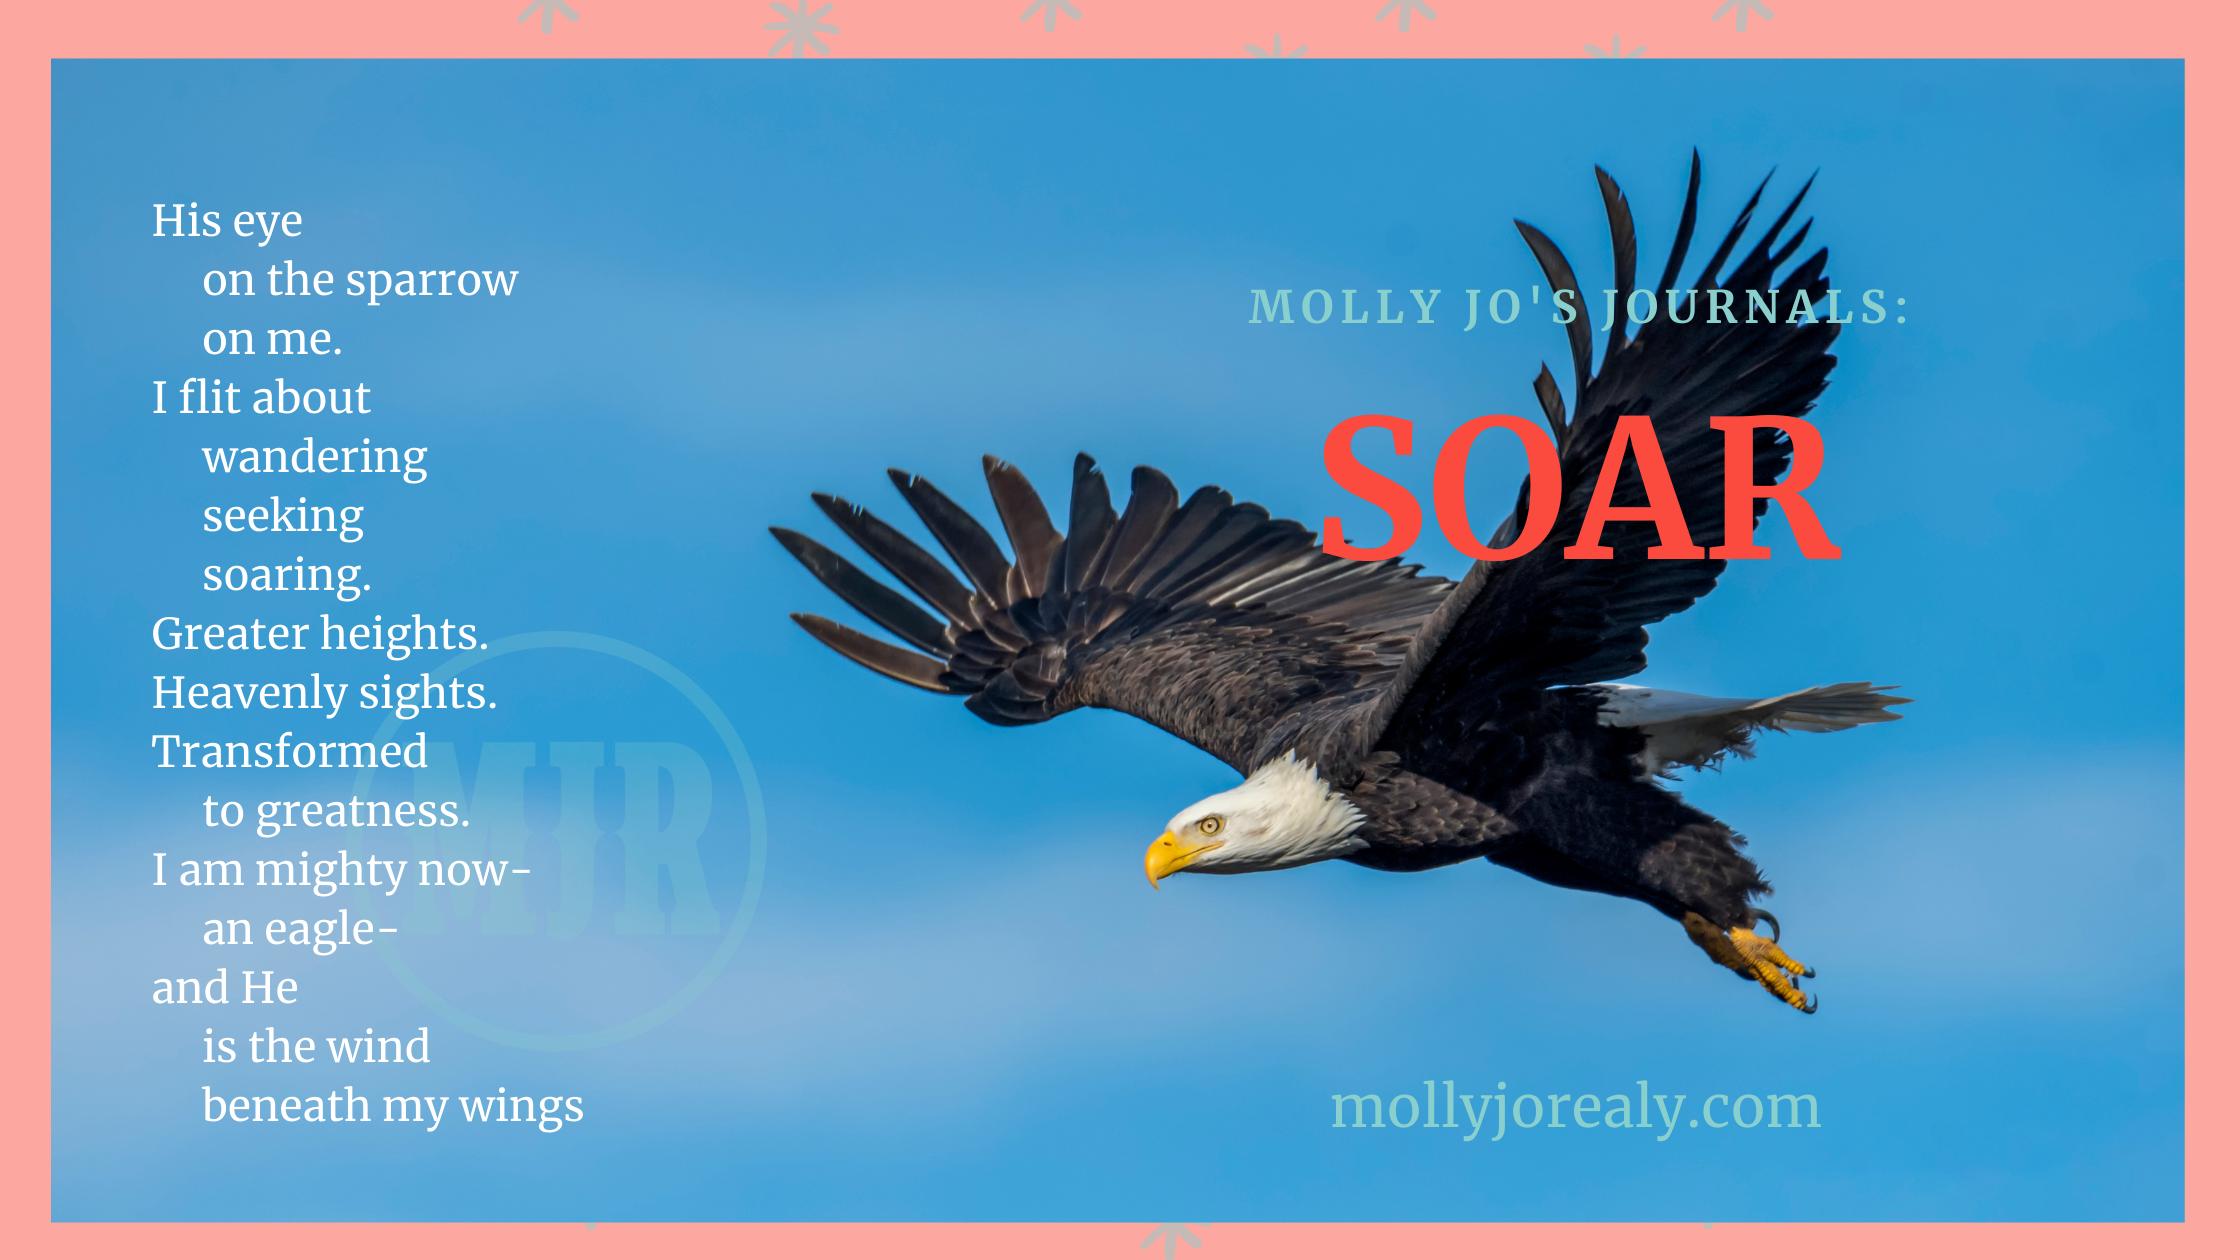 Molly Jo's Journals: SOAR poem